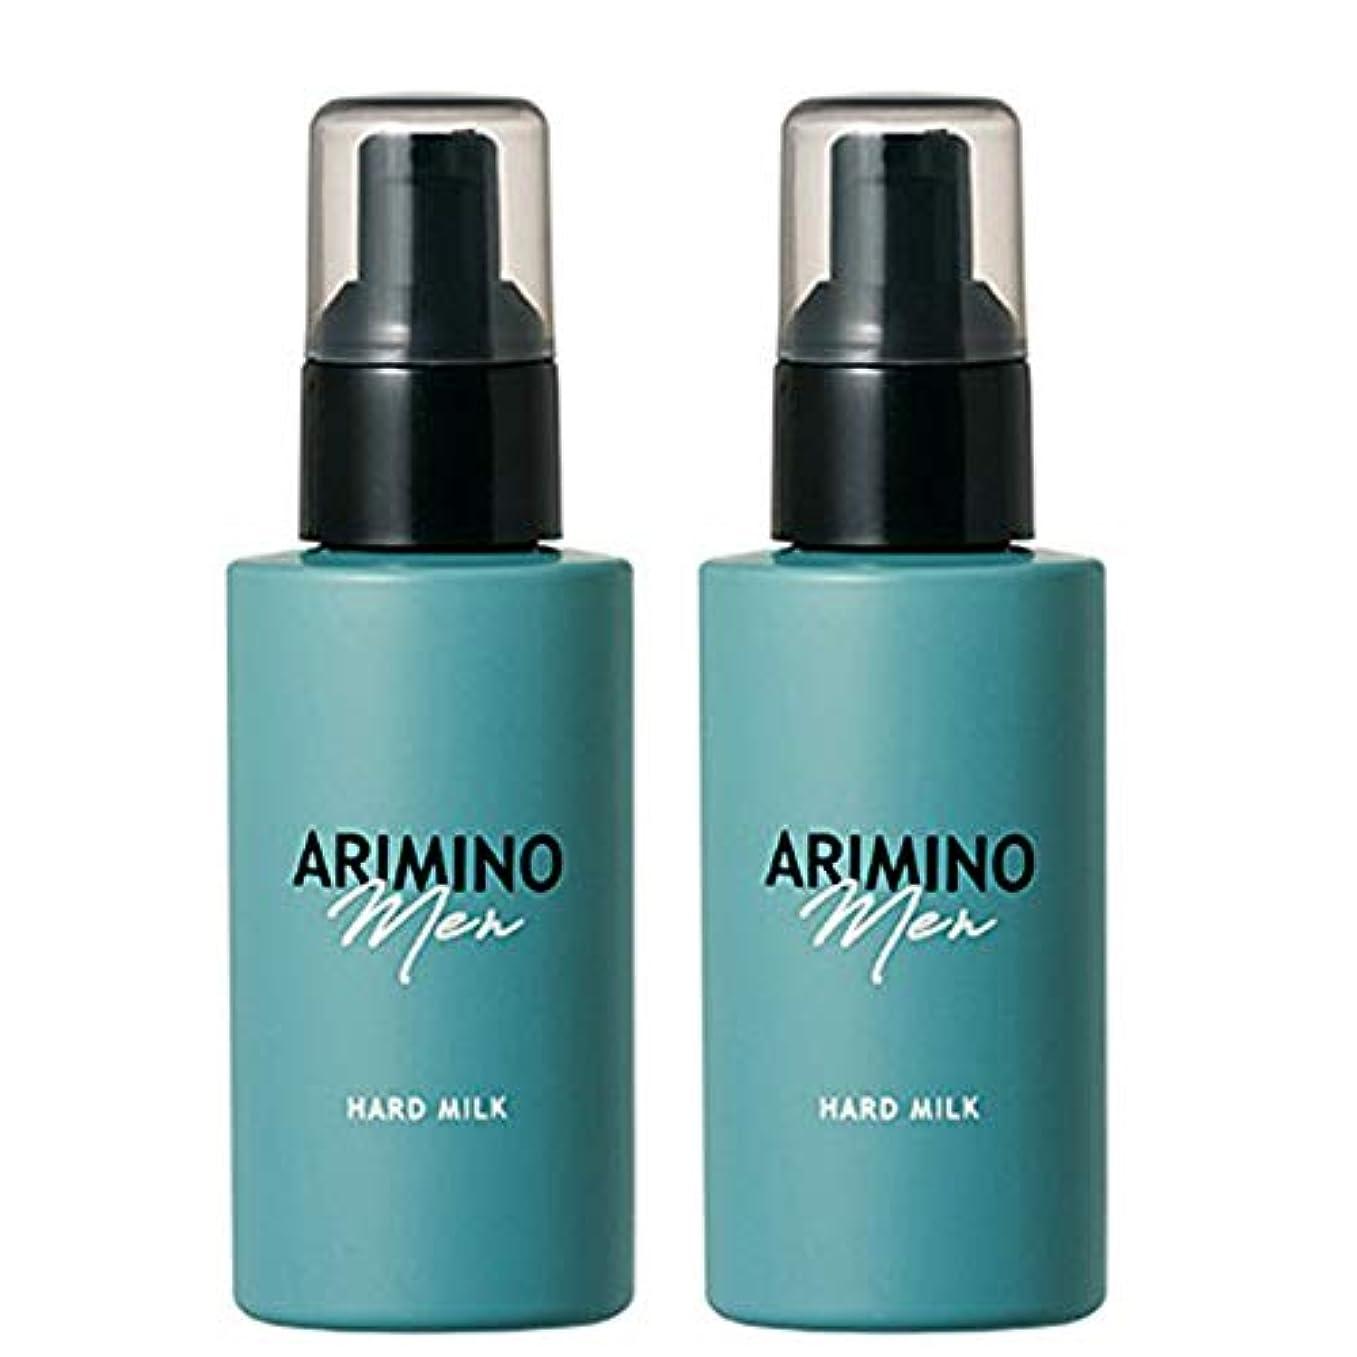 年齢乳白衣類アリミノ メン ハード ミルク 100g ×2個 セット arimino men